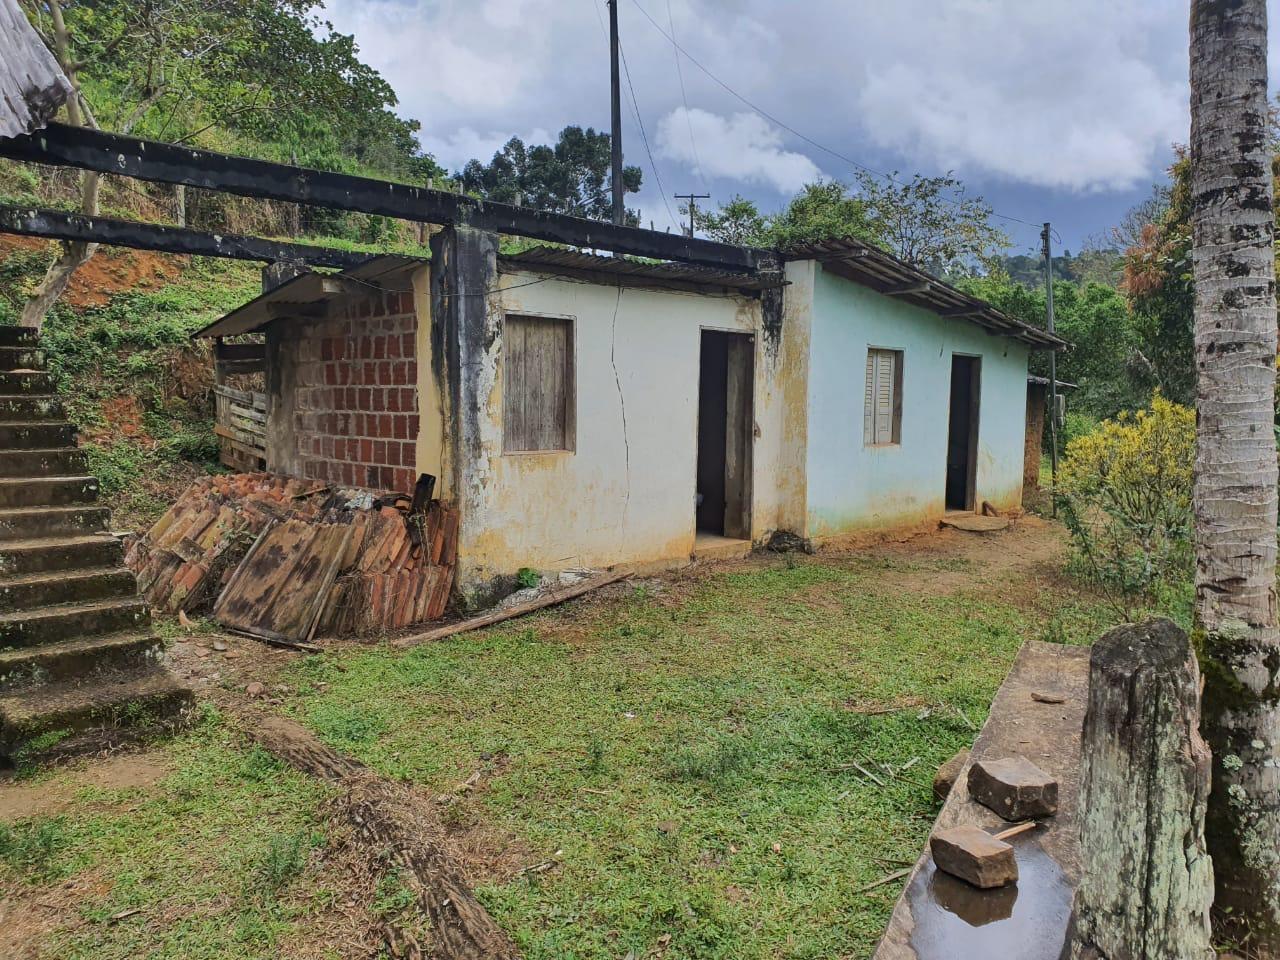 Seis homens são presos em propriedade rural com 3.500 pés de maconha na Bahia